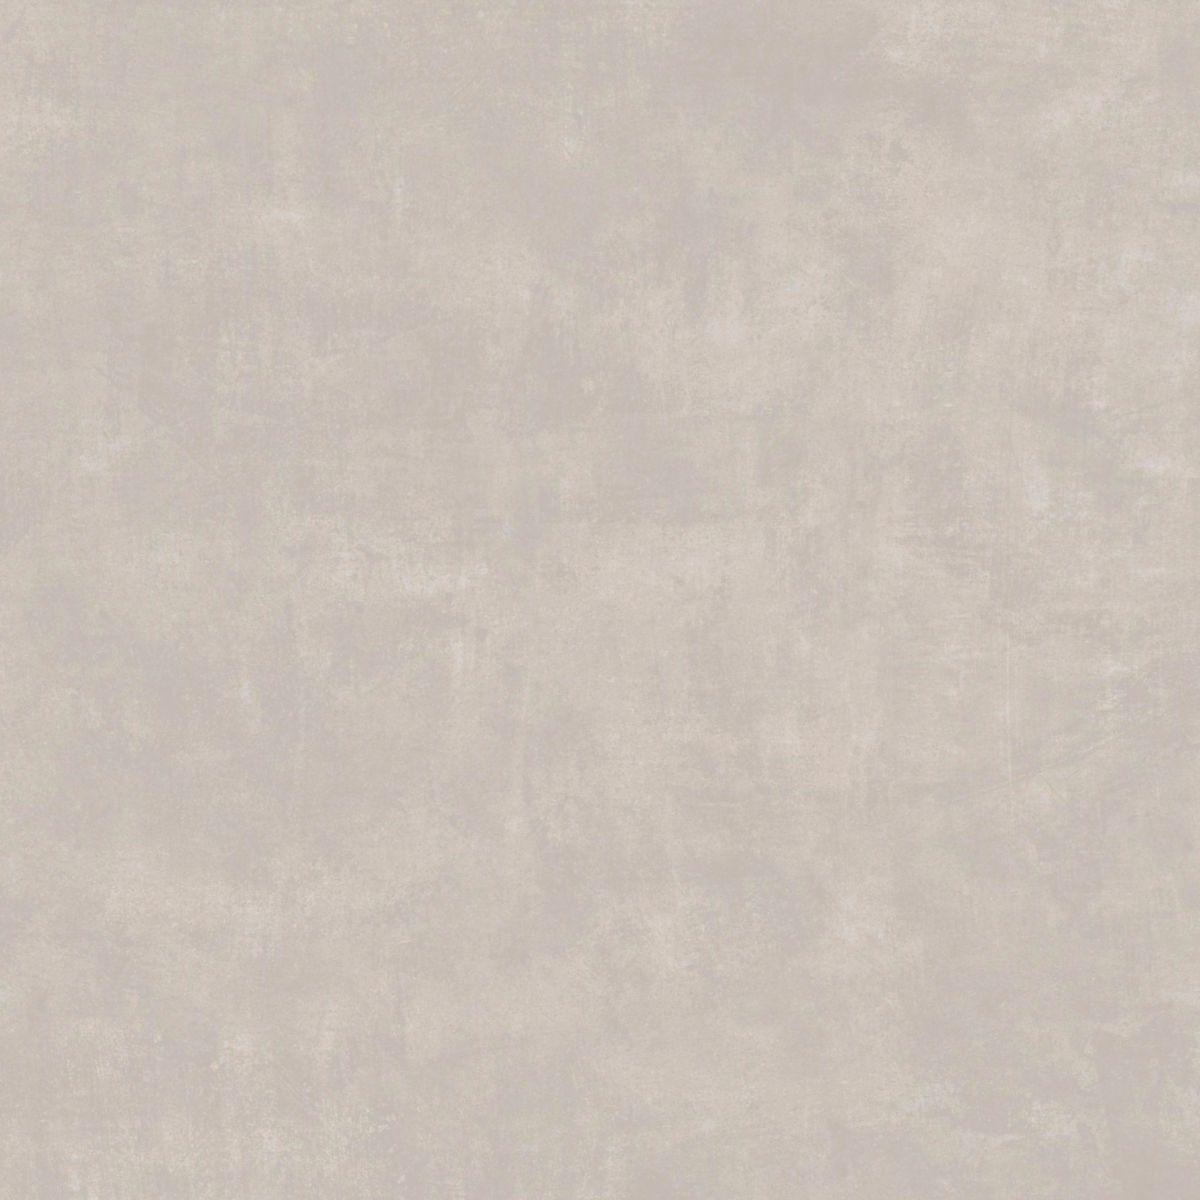 Keraben carrelage sol int rieur gr s c rame living gris 60x60 cm point p for Carrelage sol interieur